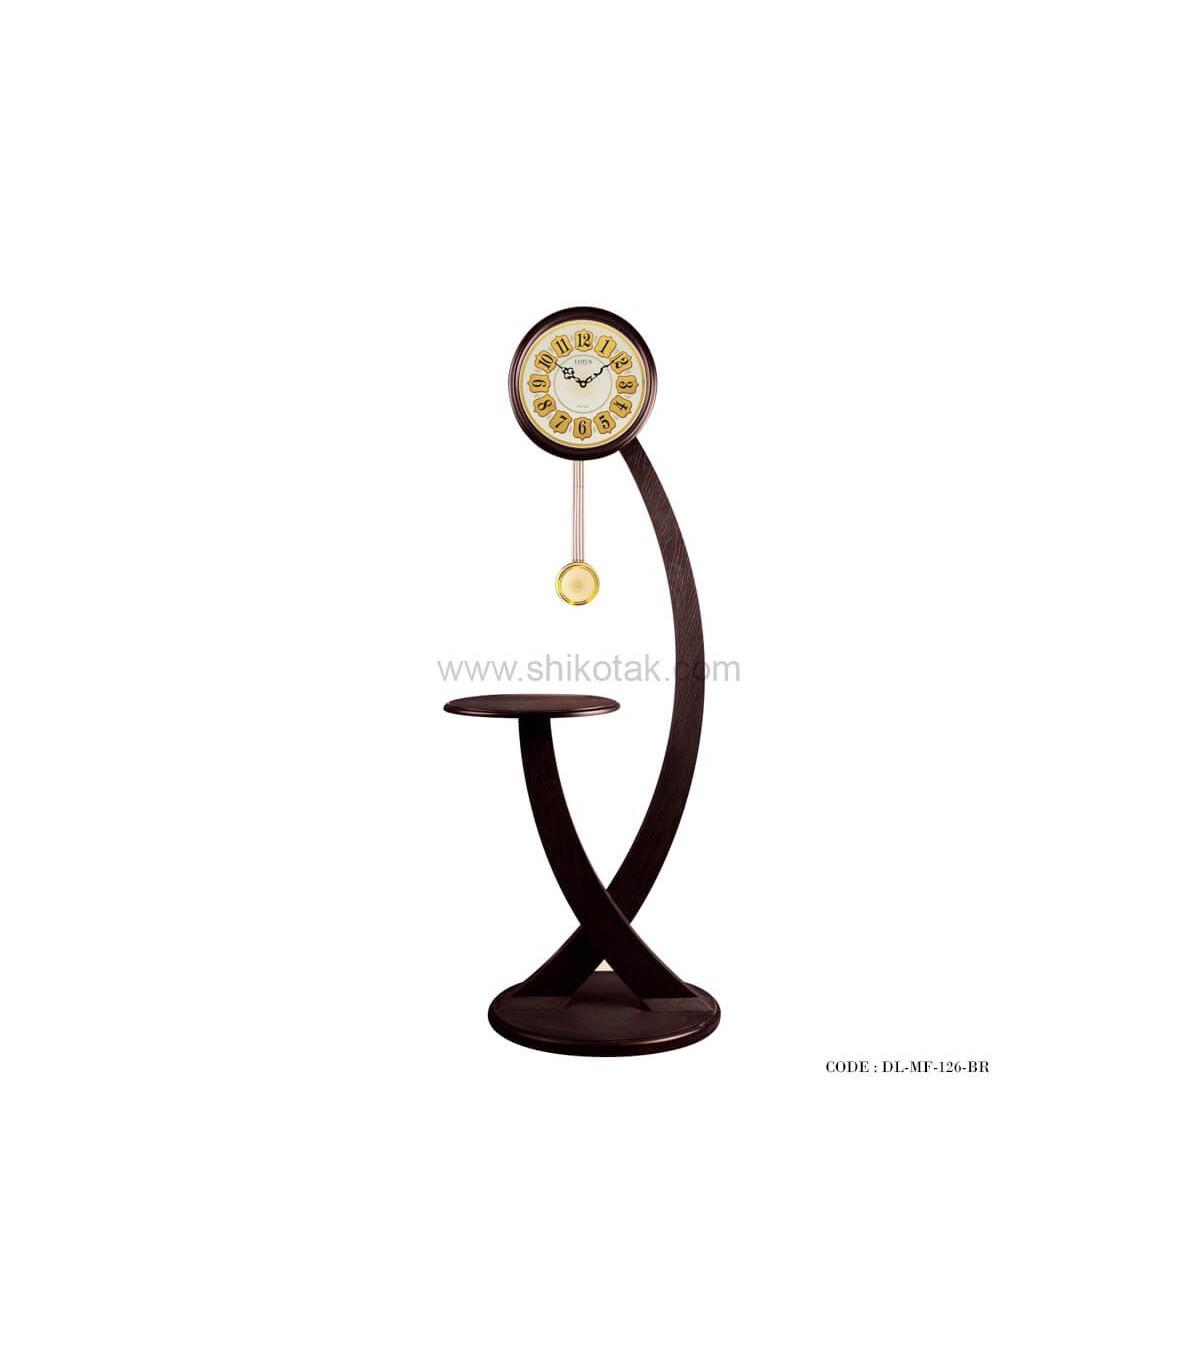 عکس ساعت ایستاده جدید سری 126 فلور سونایی